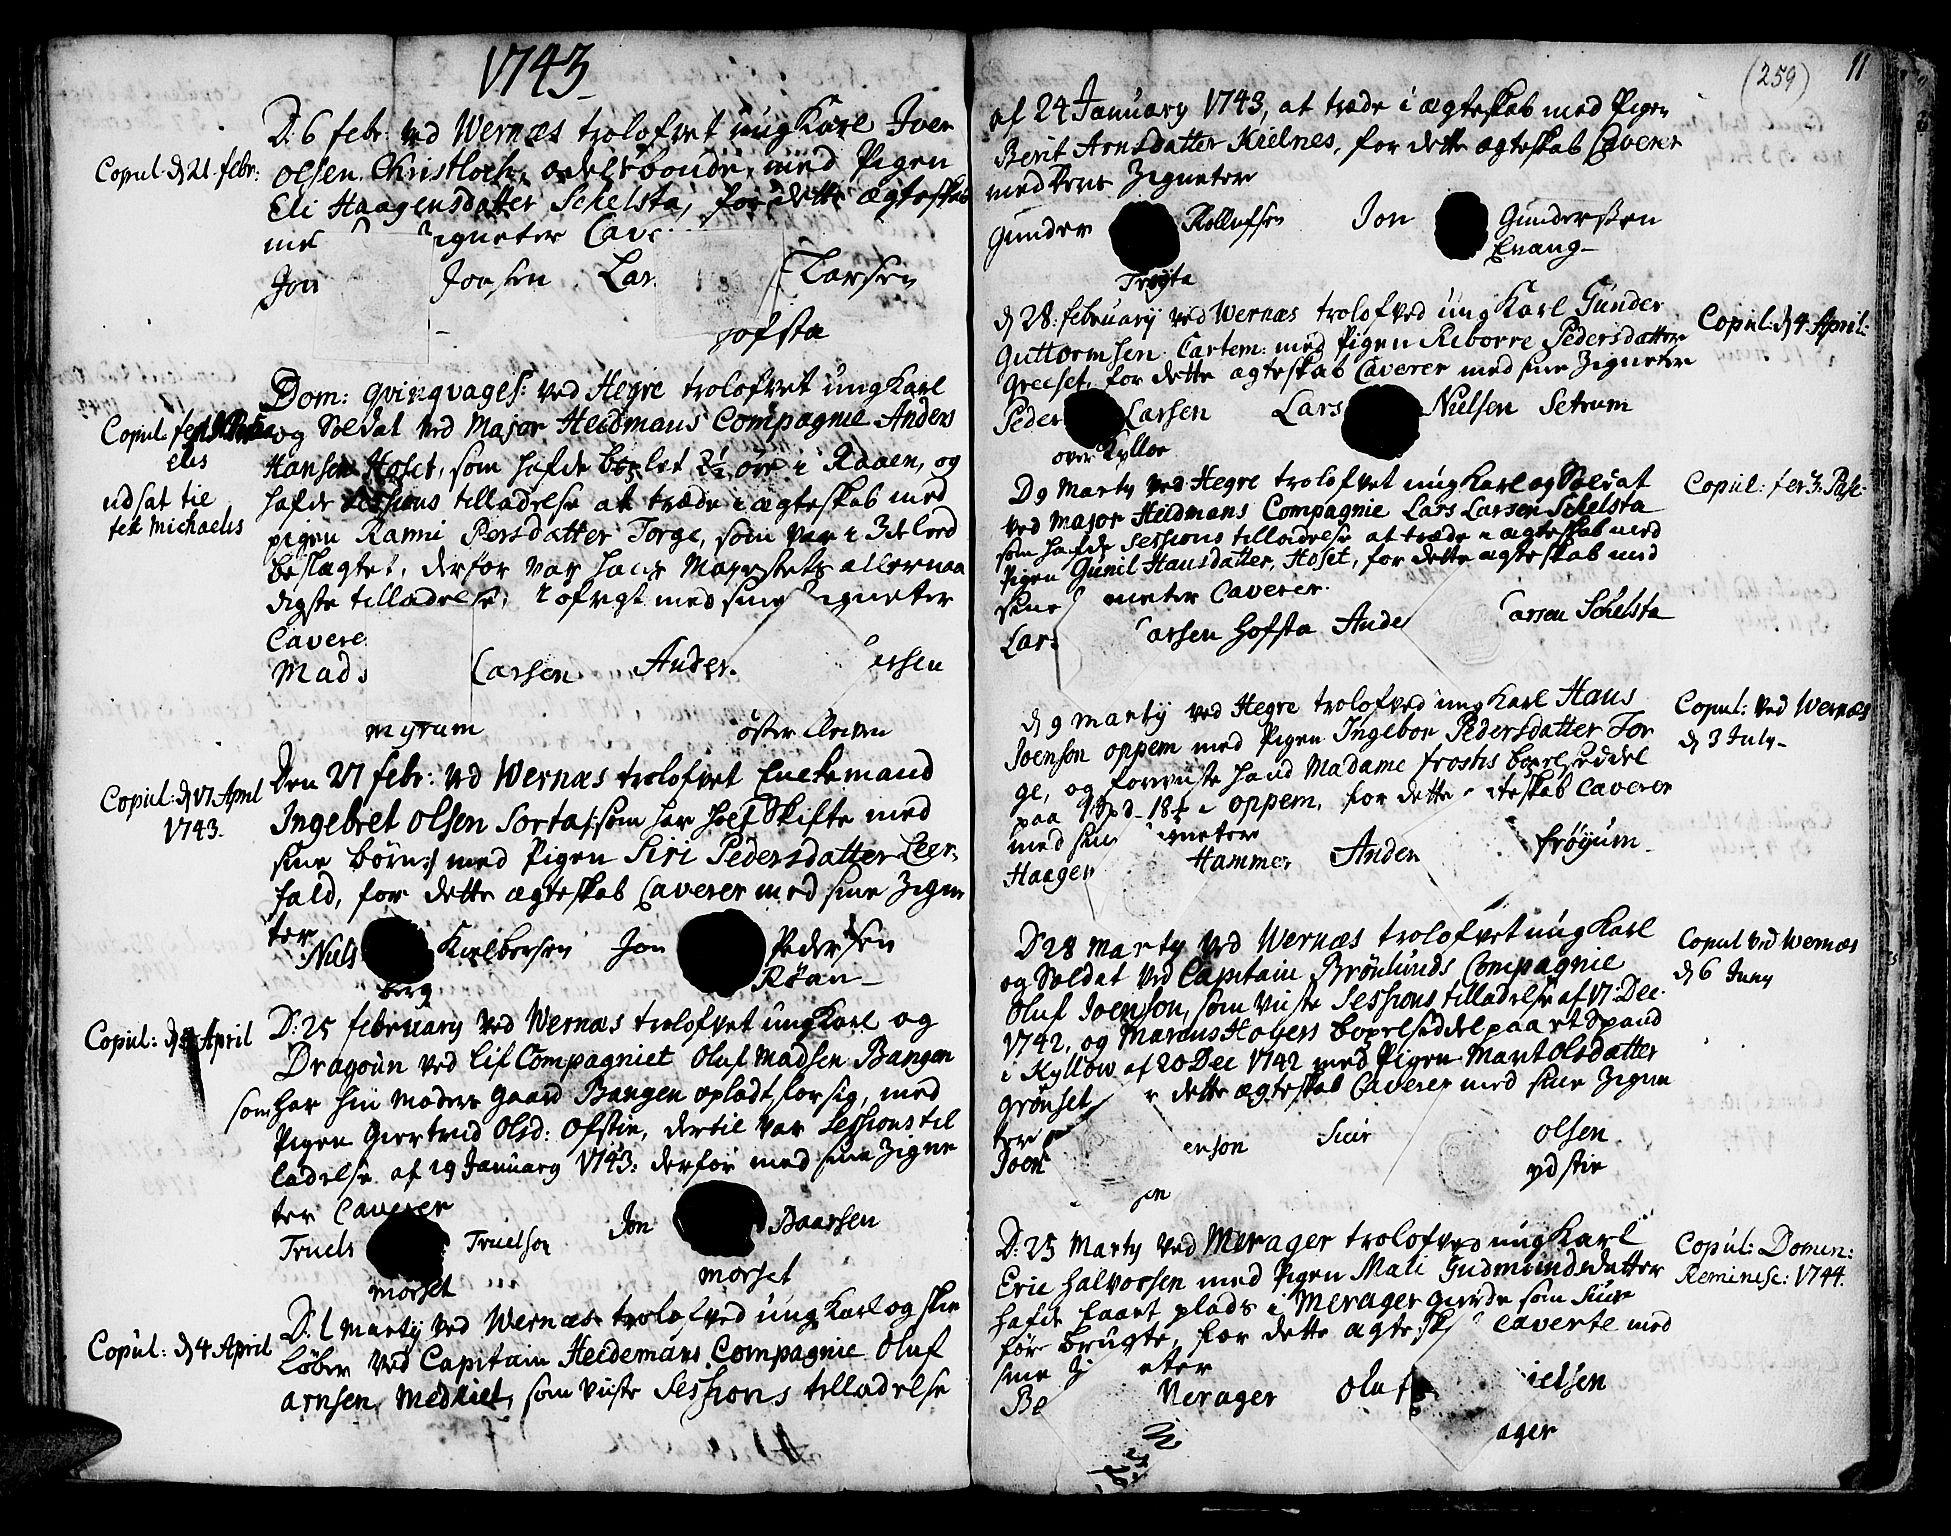 SAT, Ministerialprotokoller, klokkerbøker og fødselsregistre - Nord-Trøndelag, 709/L0056: Ministerialbok nr. 709A04, 1740-1756, s. 259